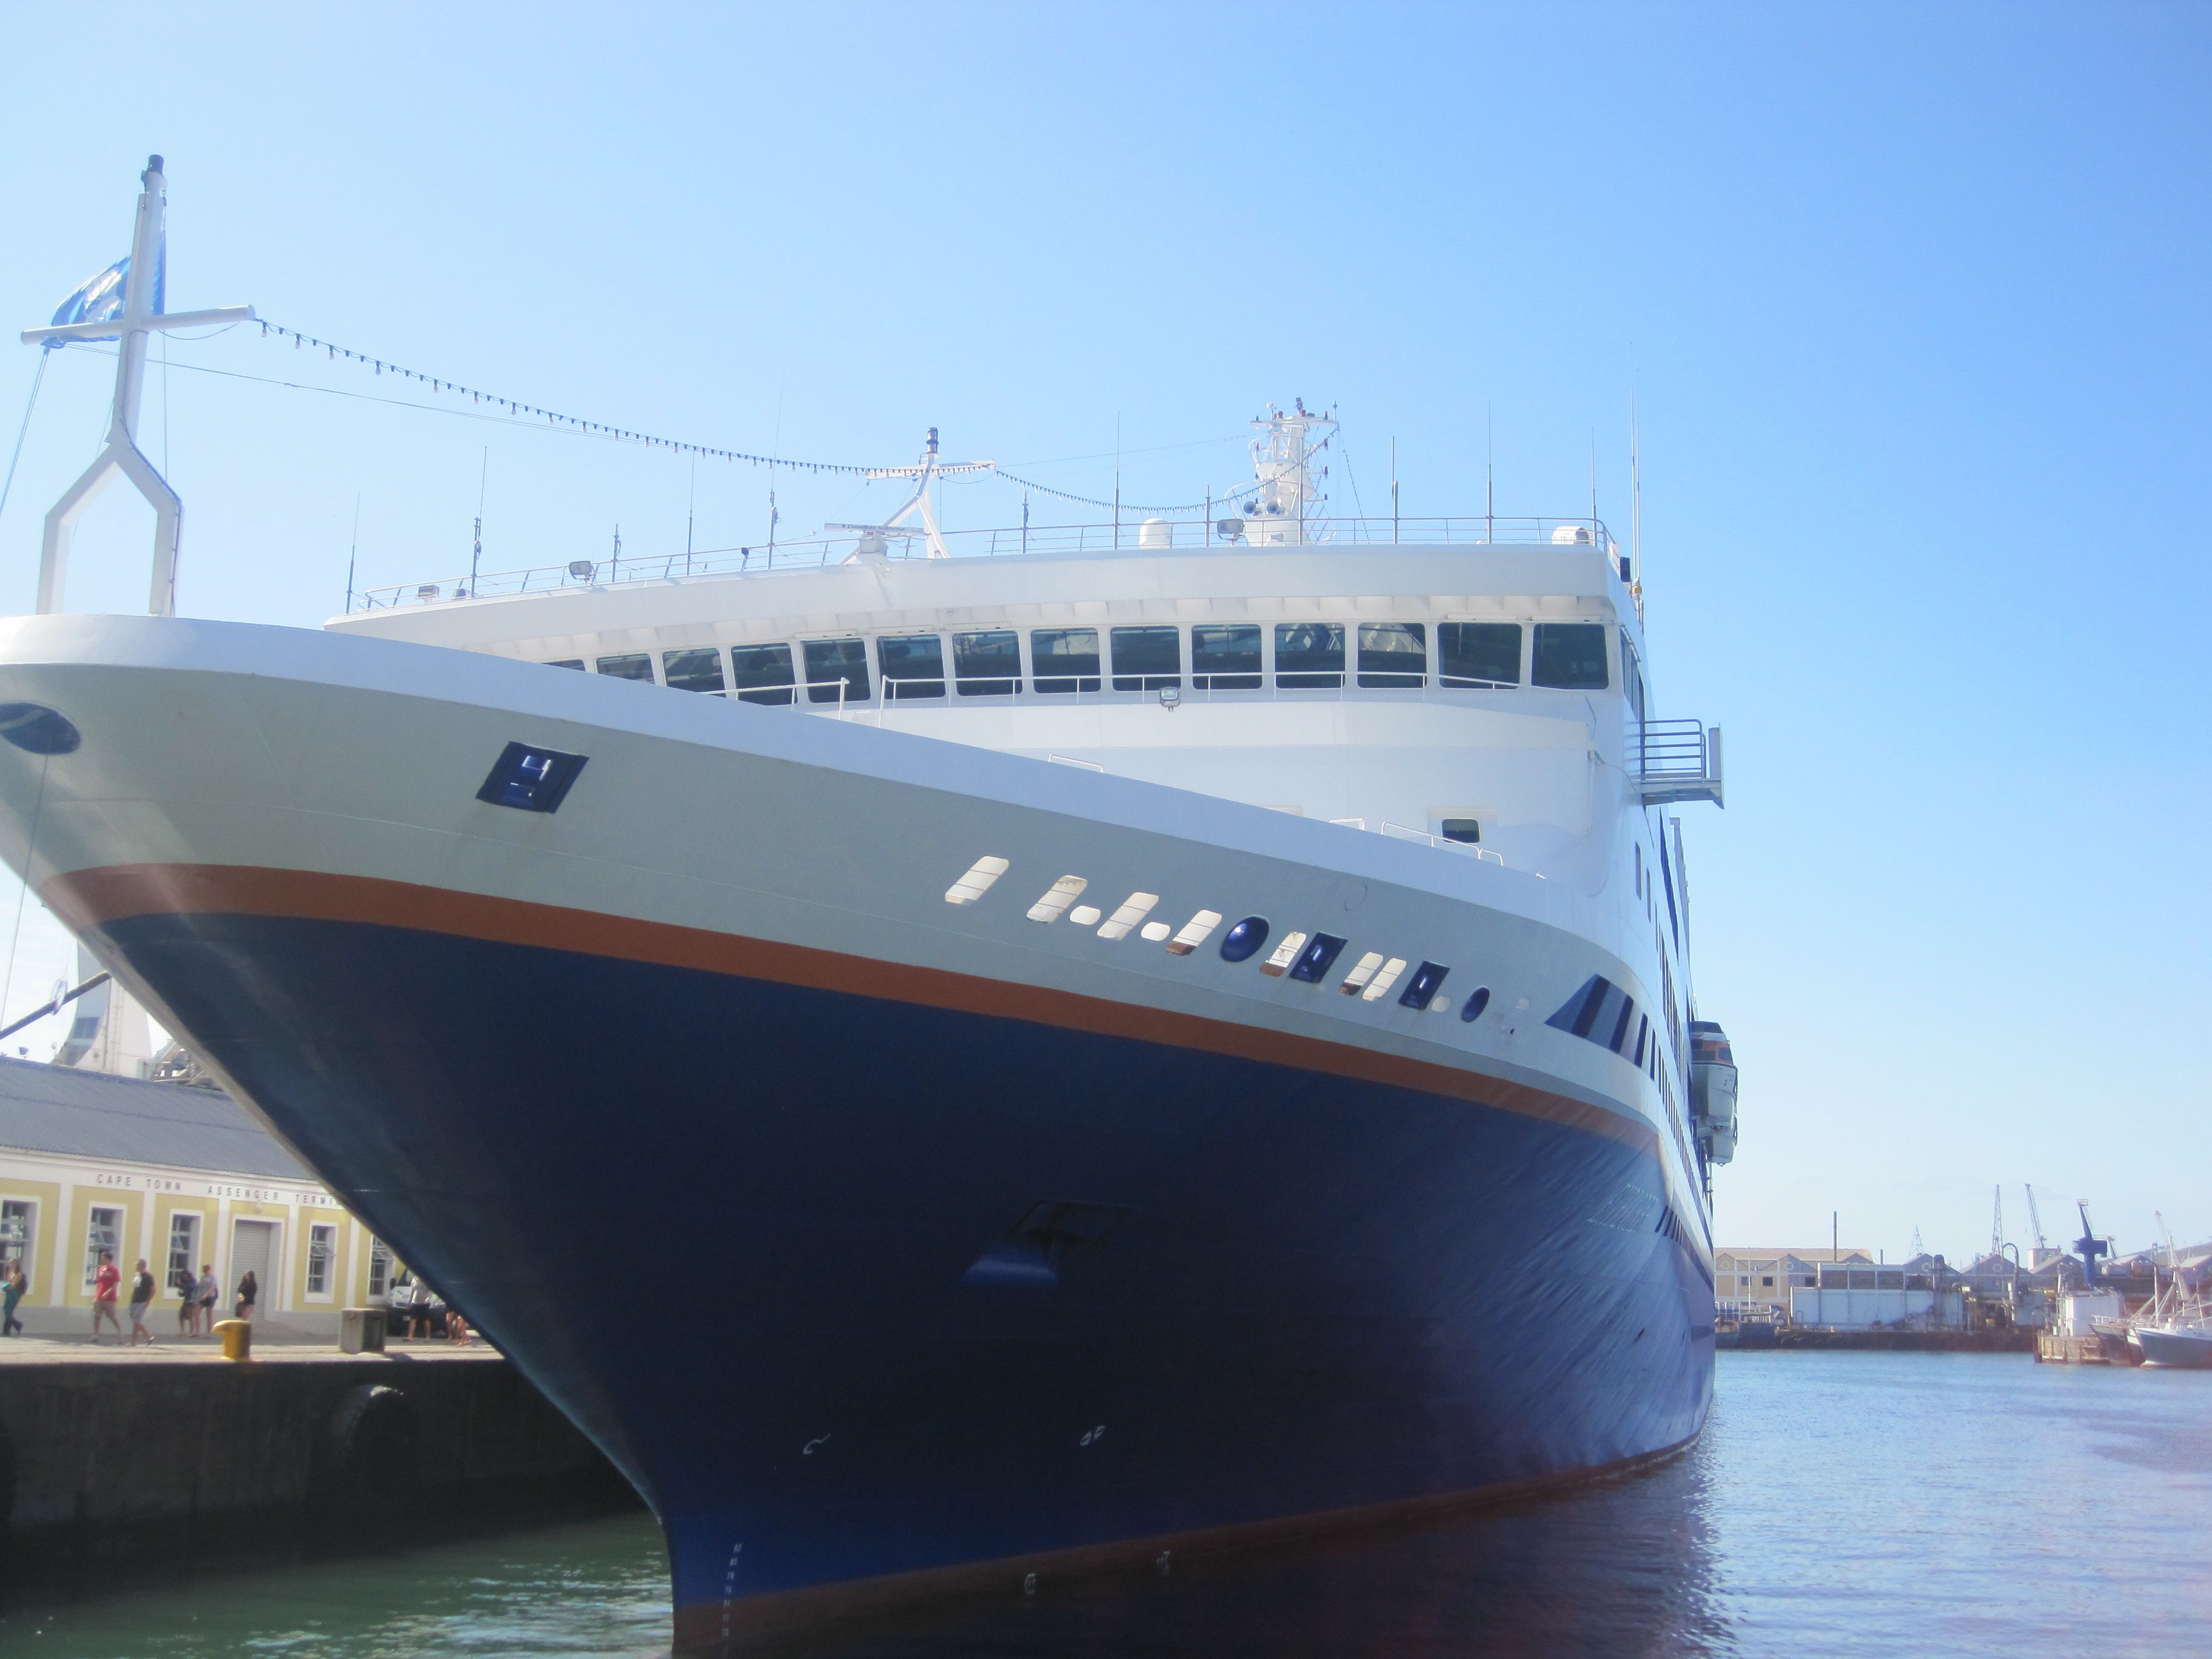 MV Explorer Semester at Sea Cruise Ship